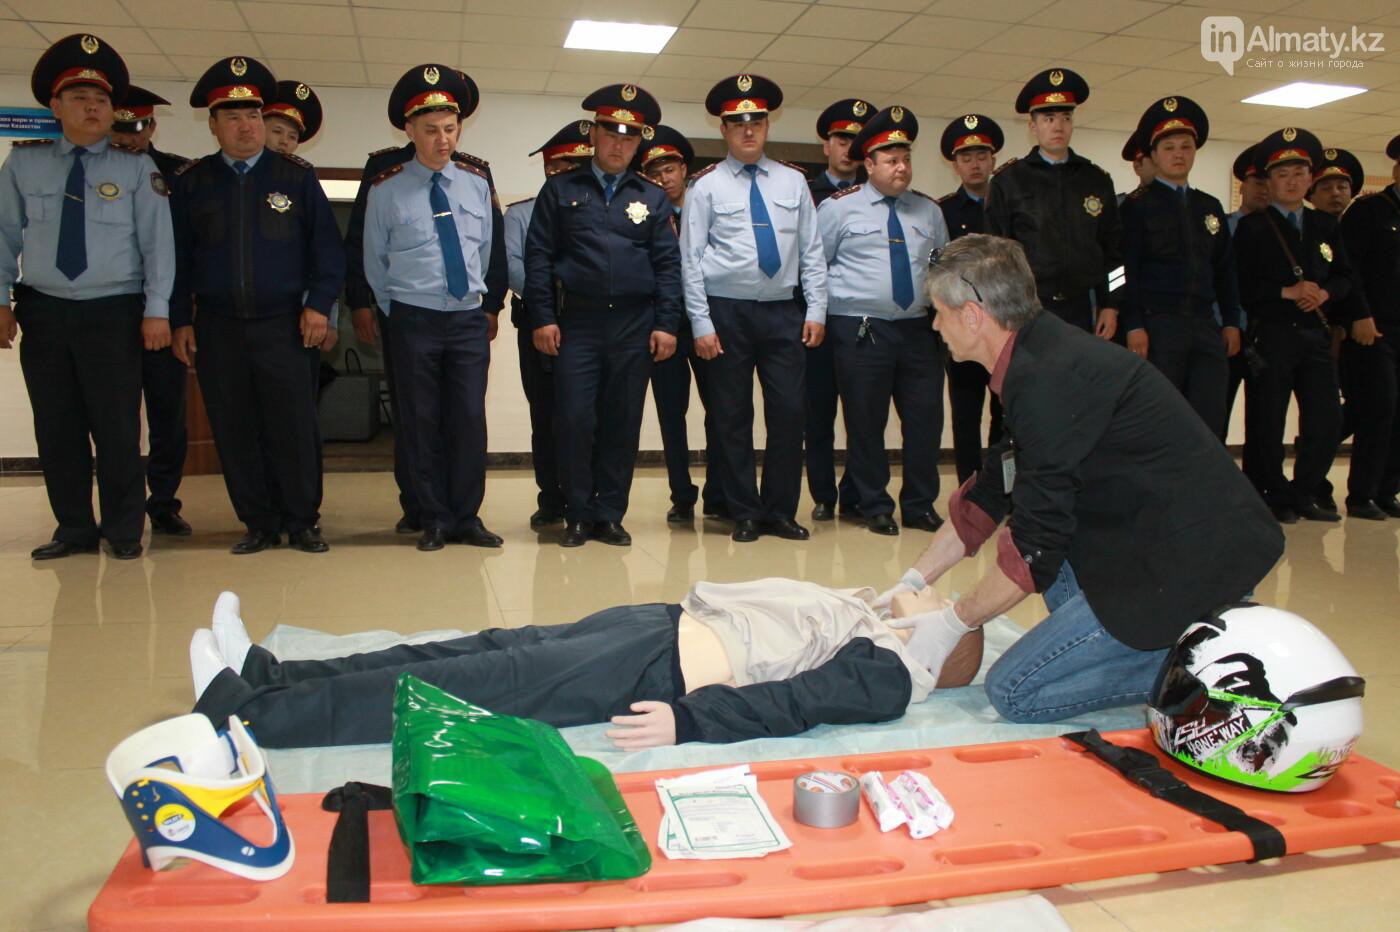 Водителей автобусов и полицейских Алматы учат оказывать первую помощь при ДТП, фото-17